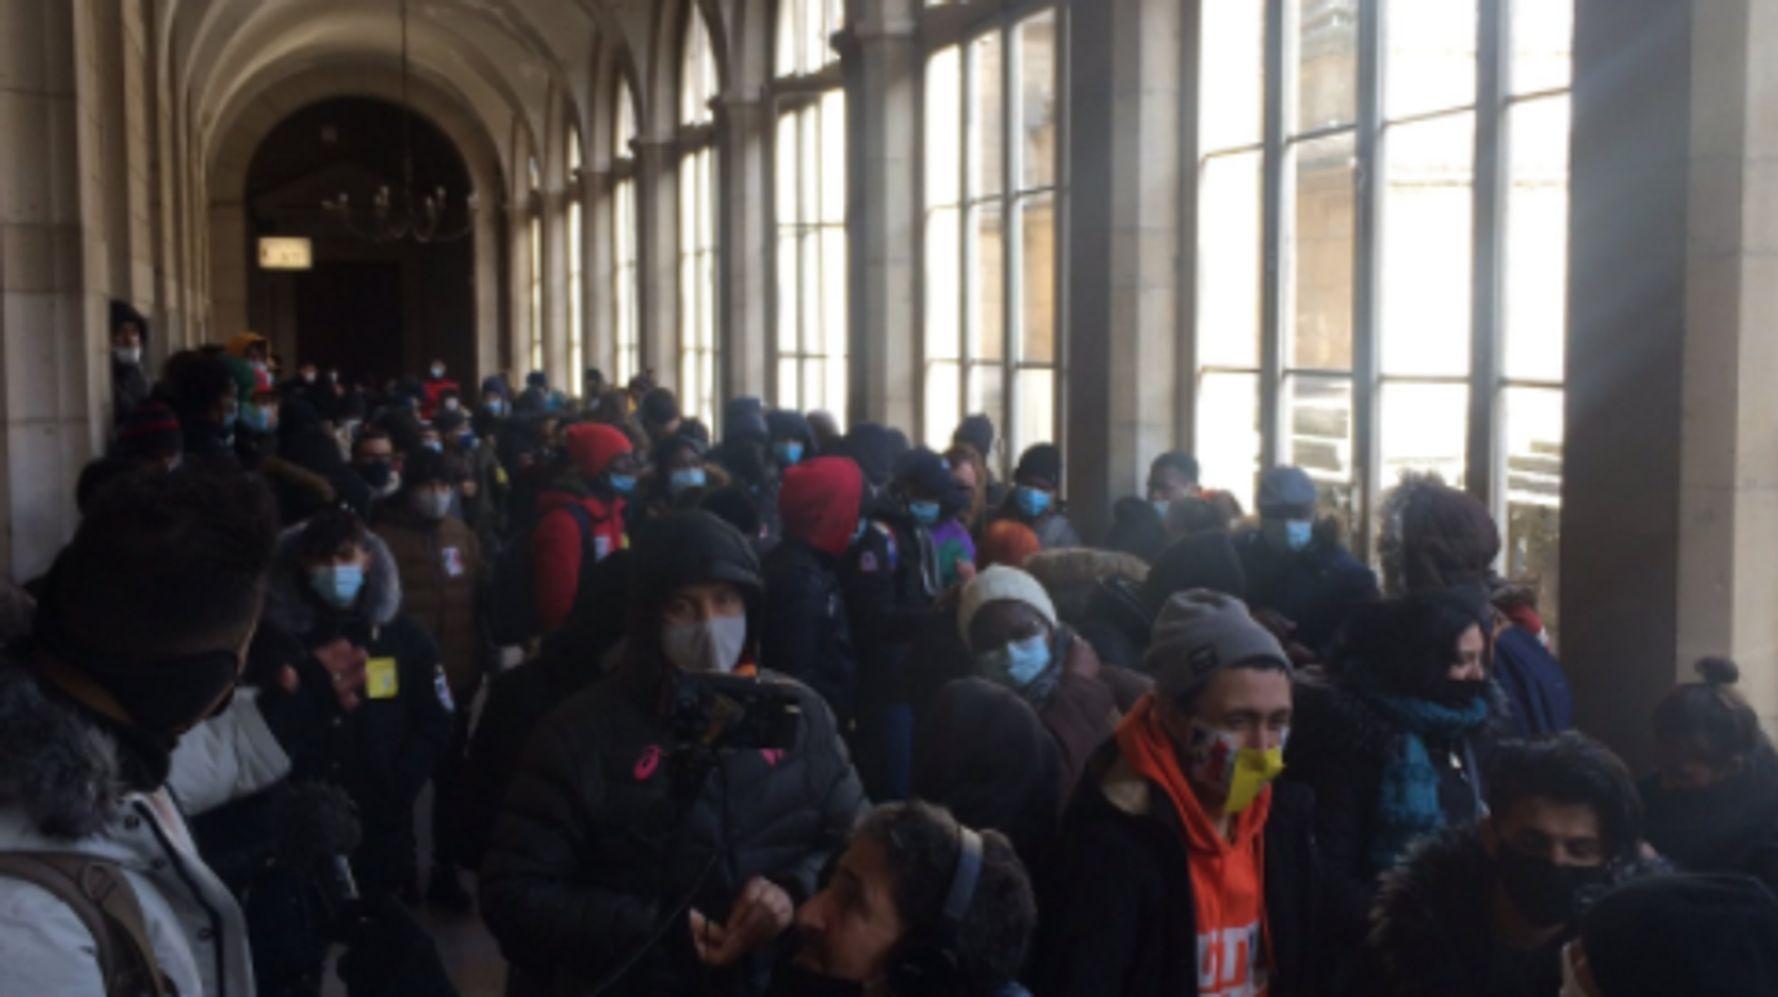 L'Hôtel-Dieu à Paris occupé par des sans-abri réclamant un hébergement